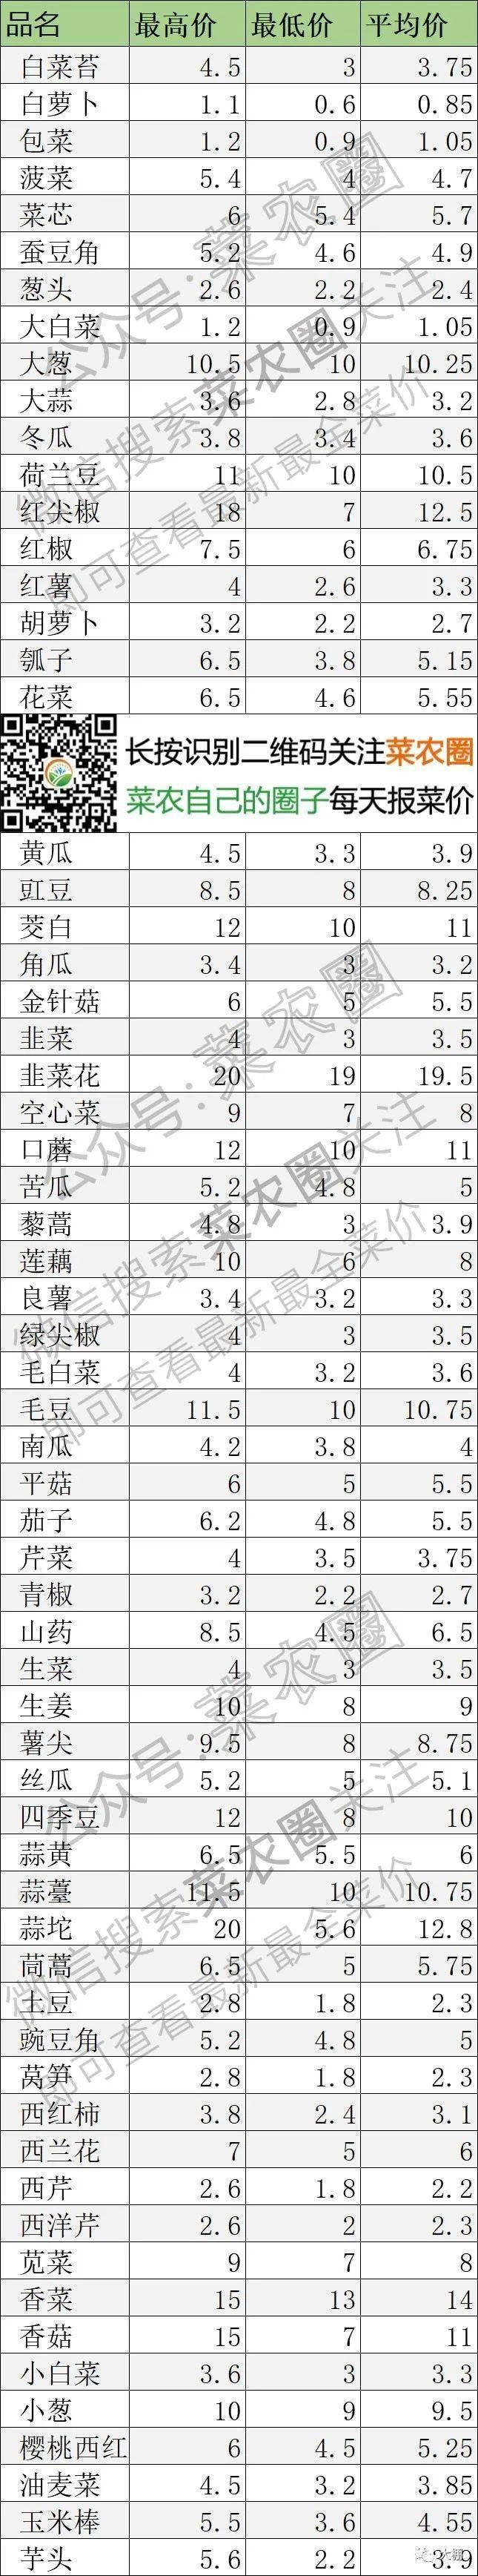 2021年3月30日北京新发地,山东寿光,云南,河北石家庄蔬菜价格行情一览表